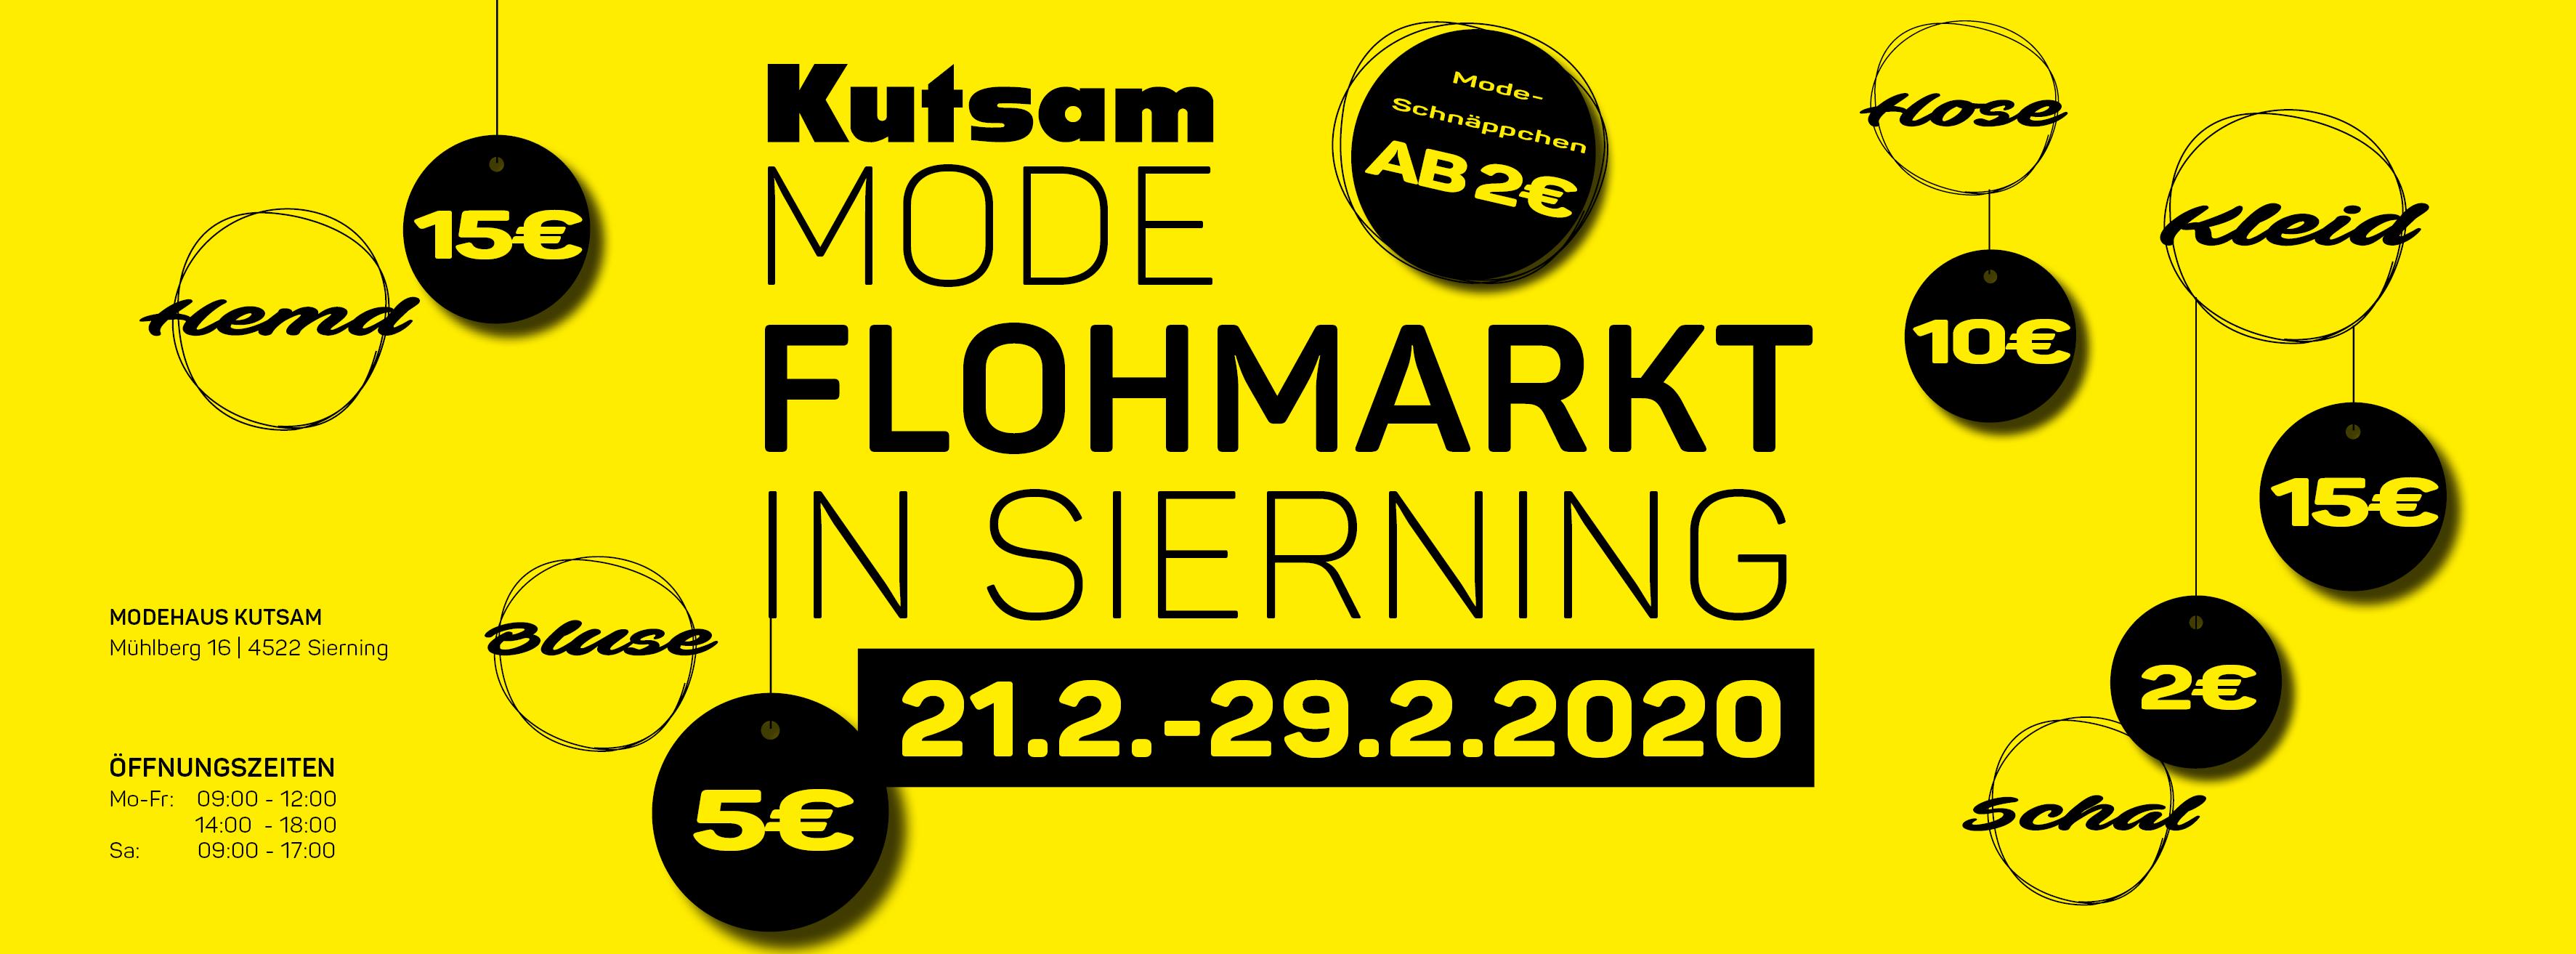 Mode Flohmarkt Kutsam daistwaslos.at